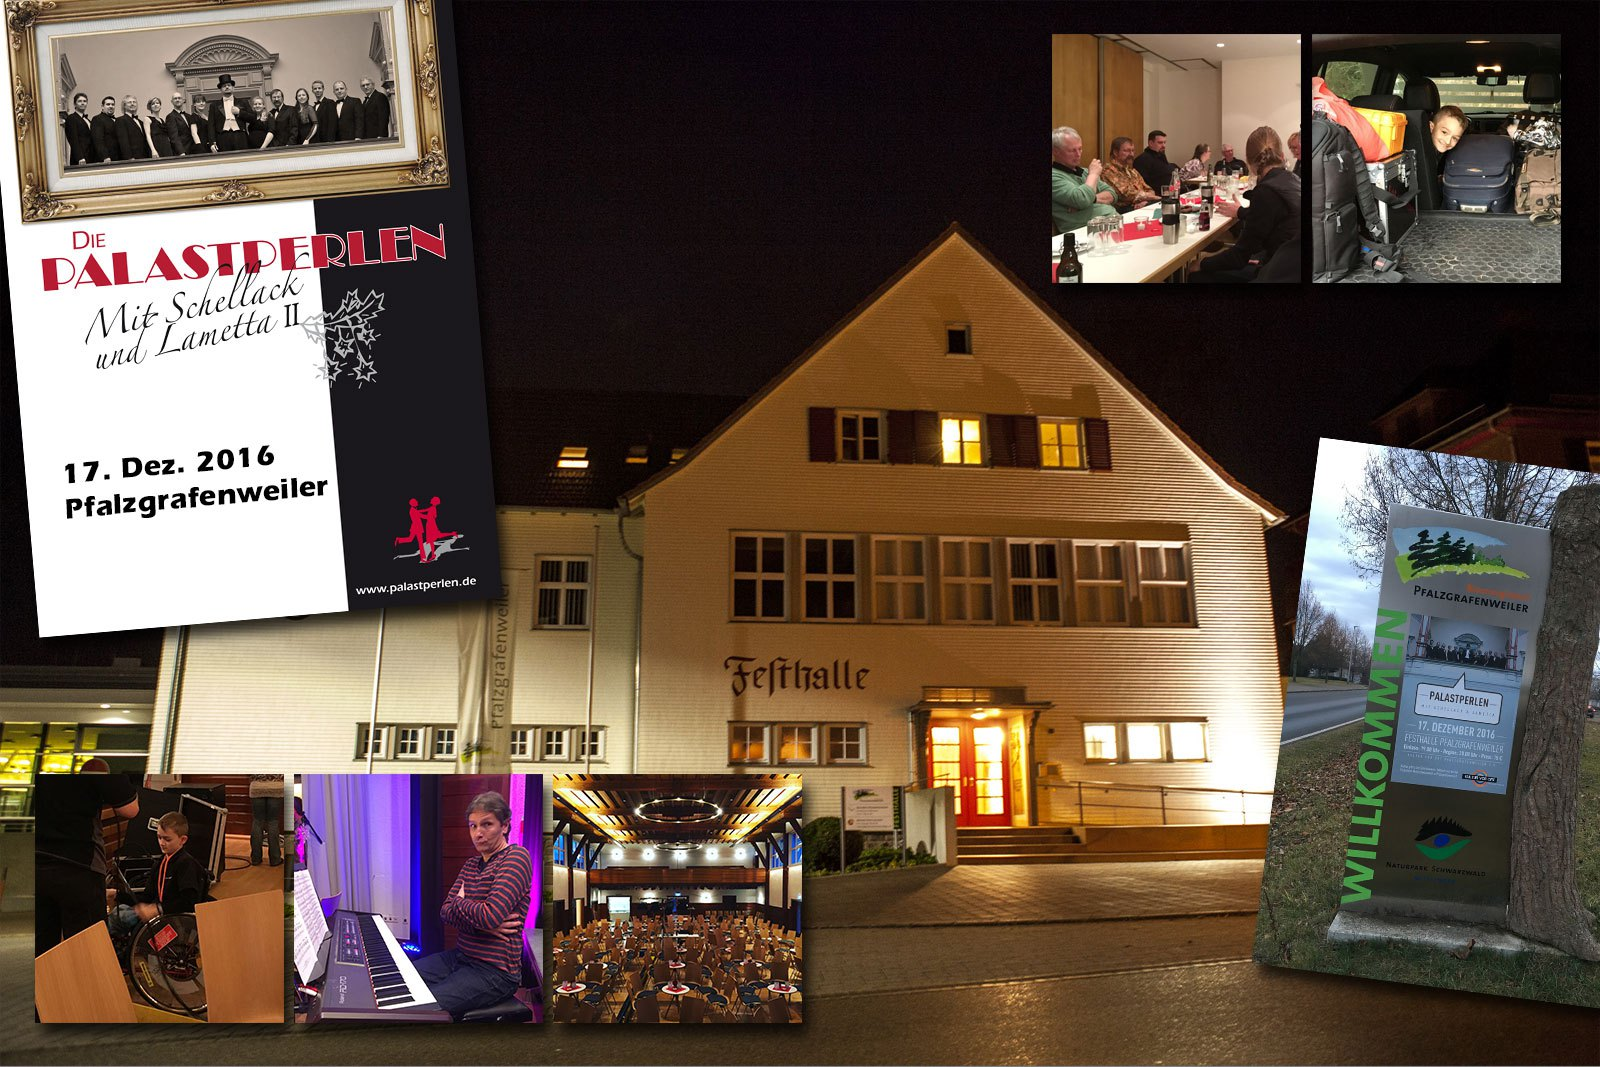 20161217_Pfalzgrafenweiler_000